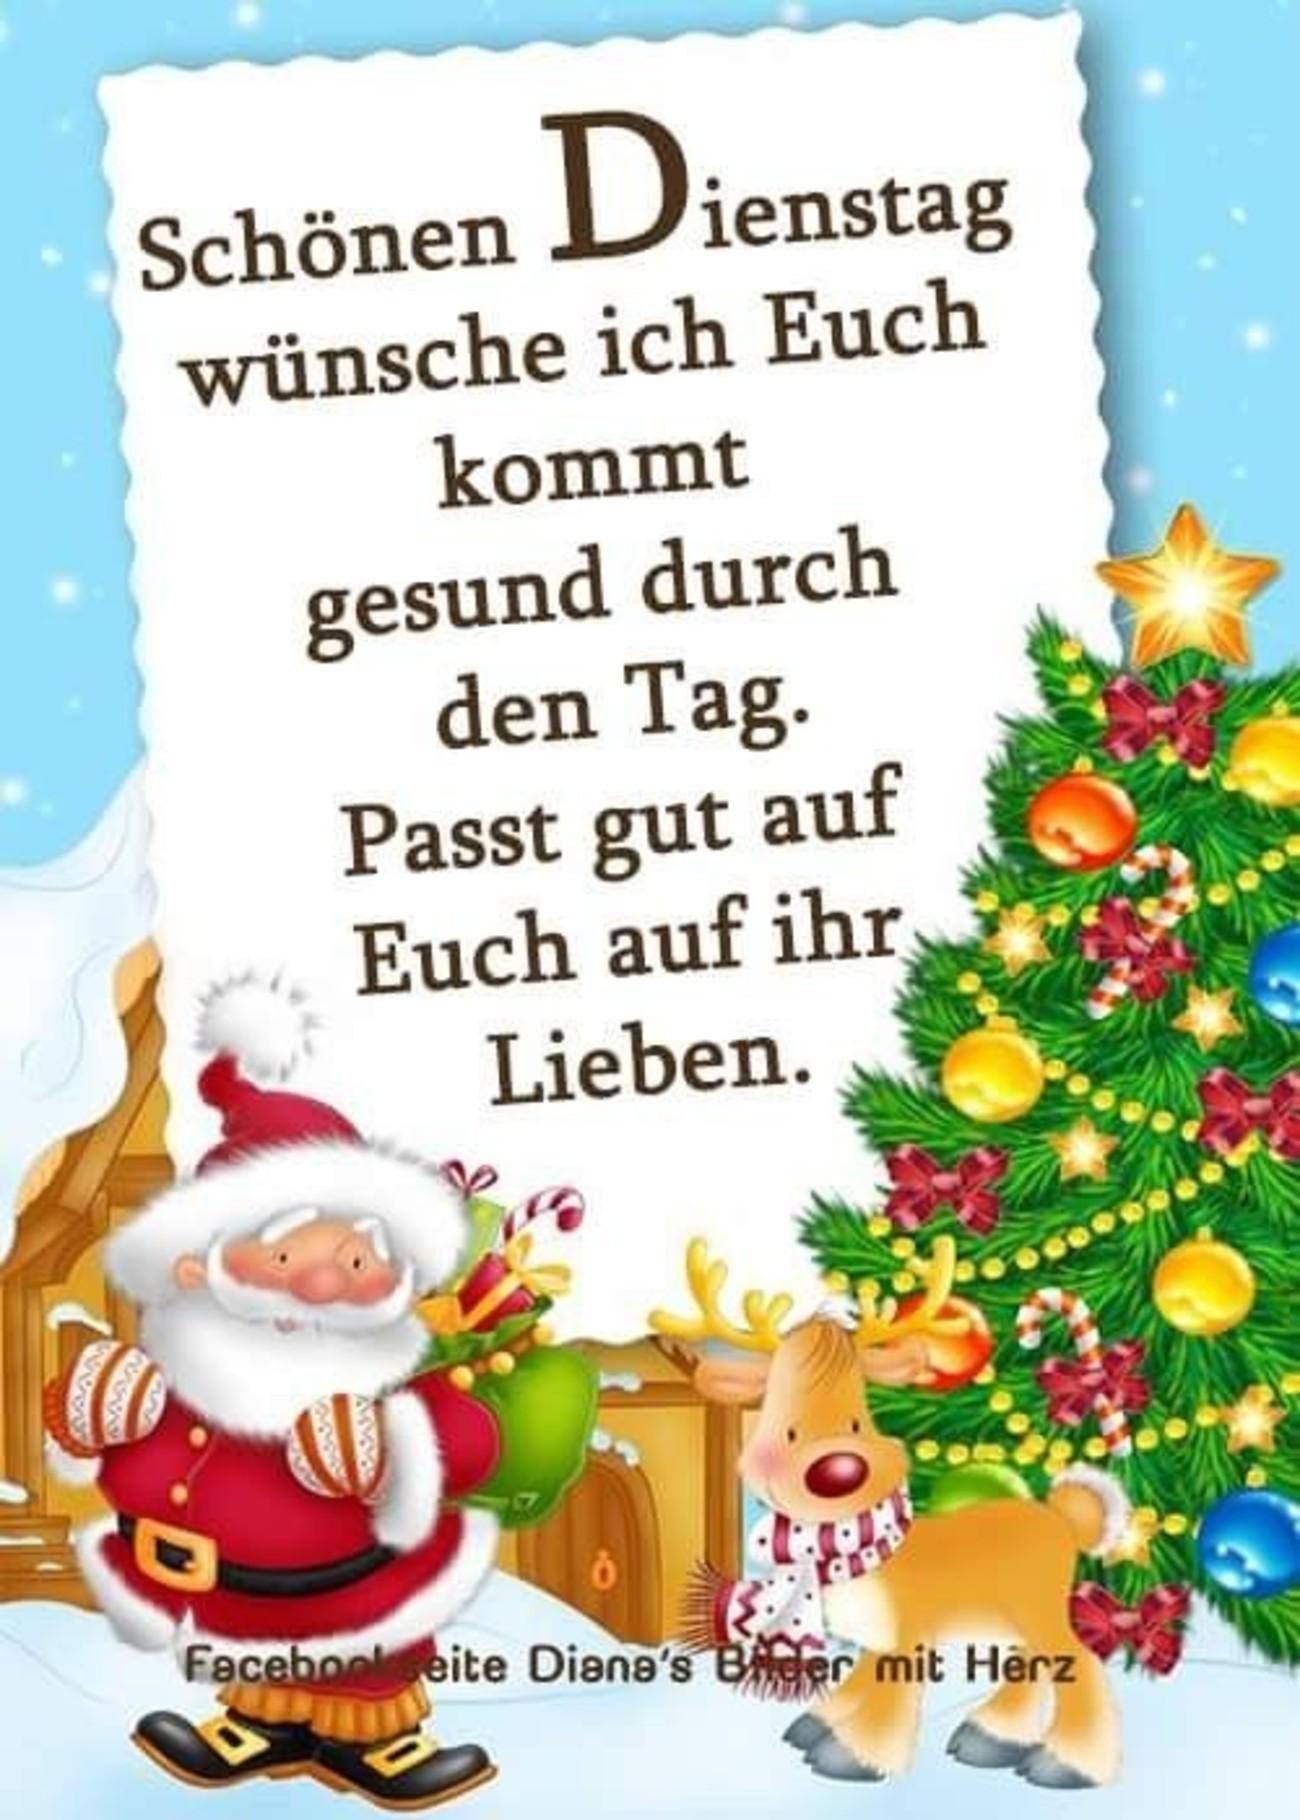 Guten Morgen Schönen Dienstag Weihnachten 123 Gbpicsbildercom